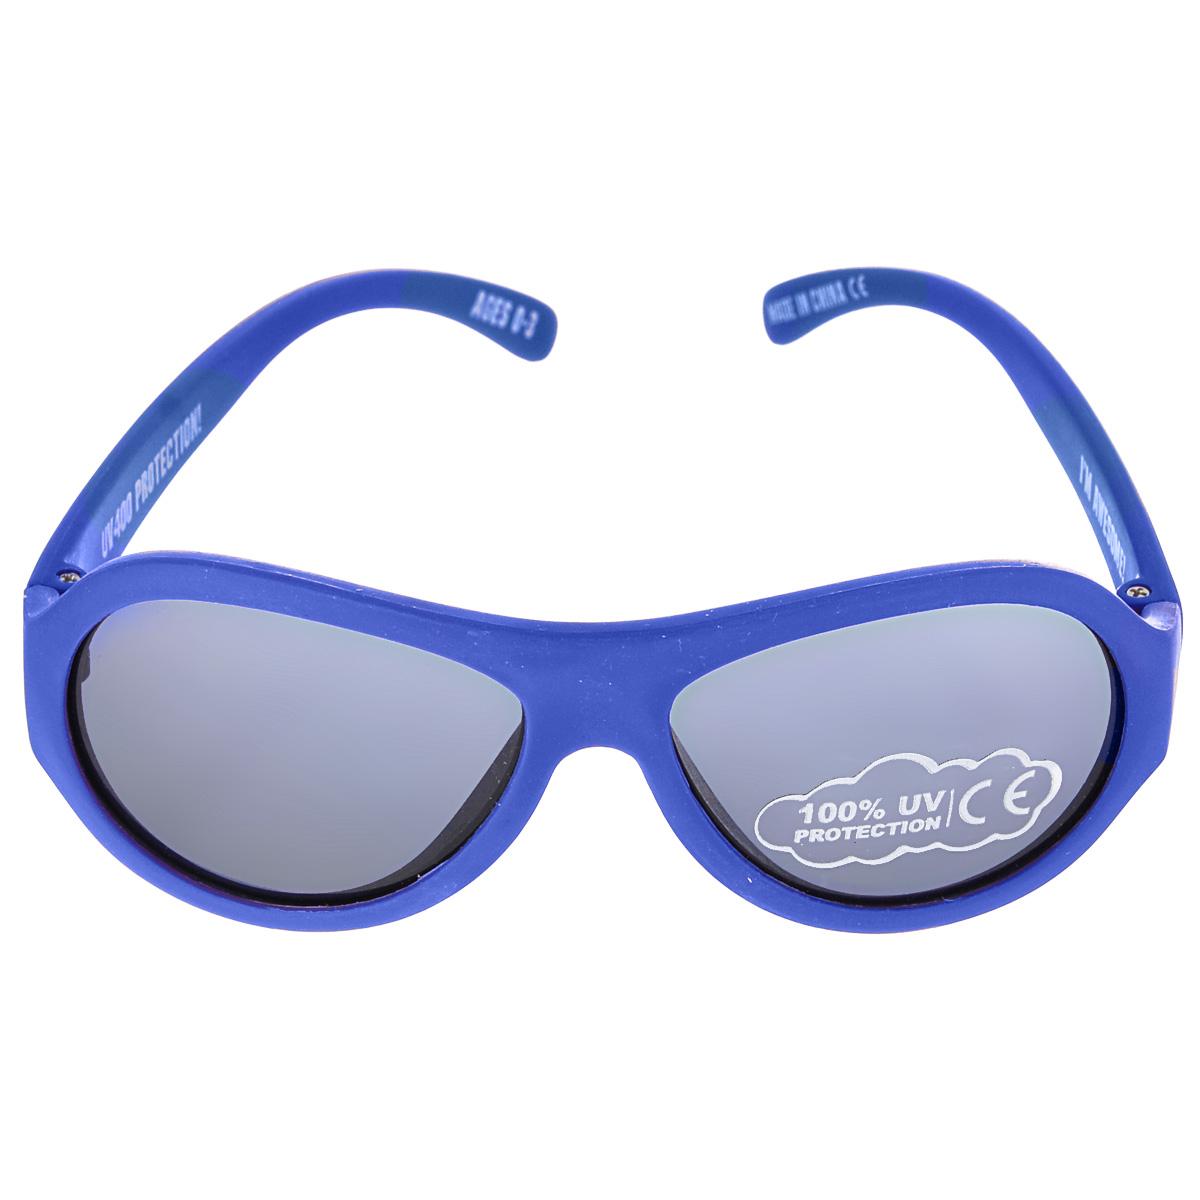 Детские солнцезащитные очки Babiators Ангелы (Angels), цвет: синий, 3-7 летINT-06501Вы делаете все возможное, чтобы ваши дети были здоровы и в безопасности. Шлемы для езды на велосипеде, солнцезащитный крем для прогулок на солнце... Но как насчет влияния солнца на глаза вашего ребенка? Правда в том, что сетчатка глаза у детей развивается вместе с самим ребенком. Это означает, что глаза малышей не могут отфильтровать УФ-излучение. Проблема понятна - детям нужна настоящая защита, чтобы глазки были в безопасности, а зрение сильным.Каждая пара солнцезащитных очков Babiators для детей обеспечивает 100% защиту от UVA и UVB. Прочные линзы высшего качества из поликарбоната не подведут в самых сложных переделках. В отличие от обычных пластиковых очков, оправа Babiators выполнена из гибкого прорезиненного материала (термопластичного эластомера), что делает их ударопрочными, их можно сгибать и крутить - они не сломаются и вернутся в прежнюю форму. Не бойтесь, что ребенок сядет на них - они все выдержат. Будьте уверены, что очки Babiators созданы безопасными, прочными и классными, так что вы и ваш ребенок можете приступать к своим приключениям!